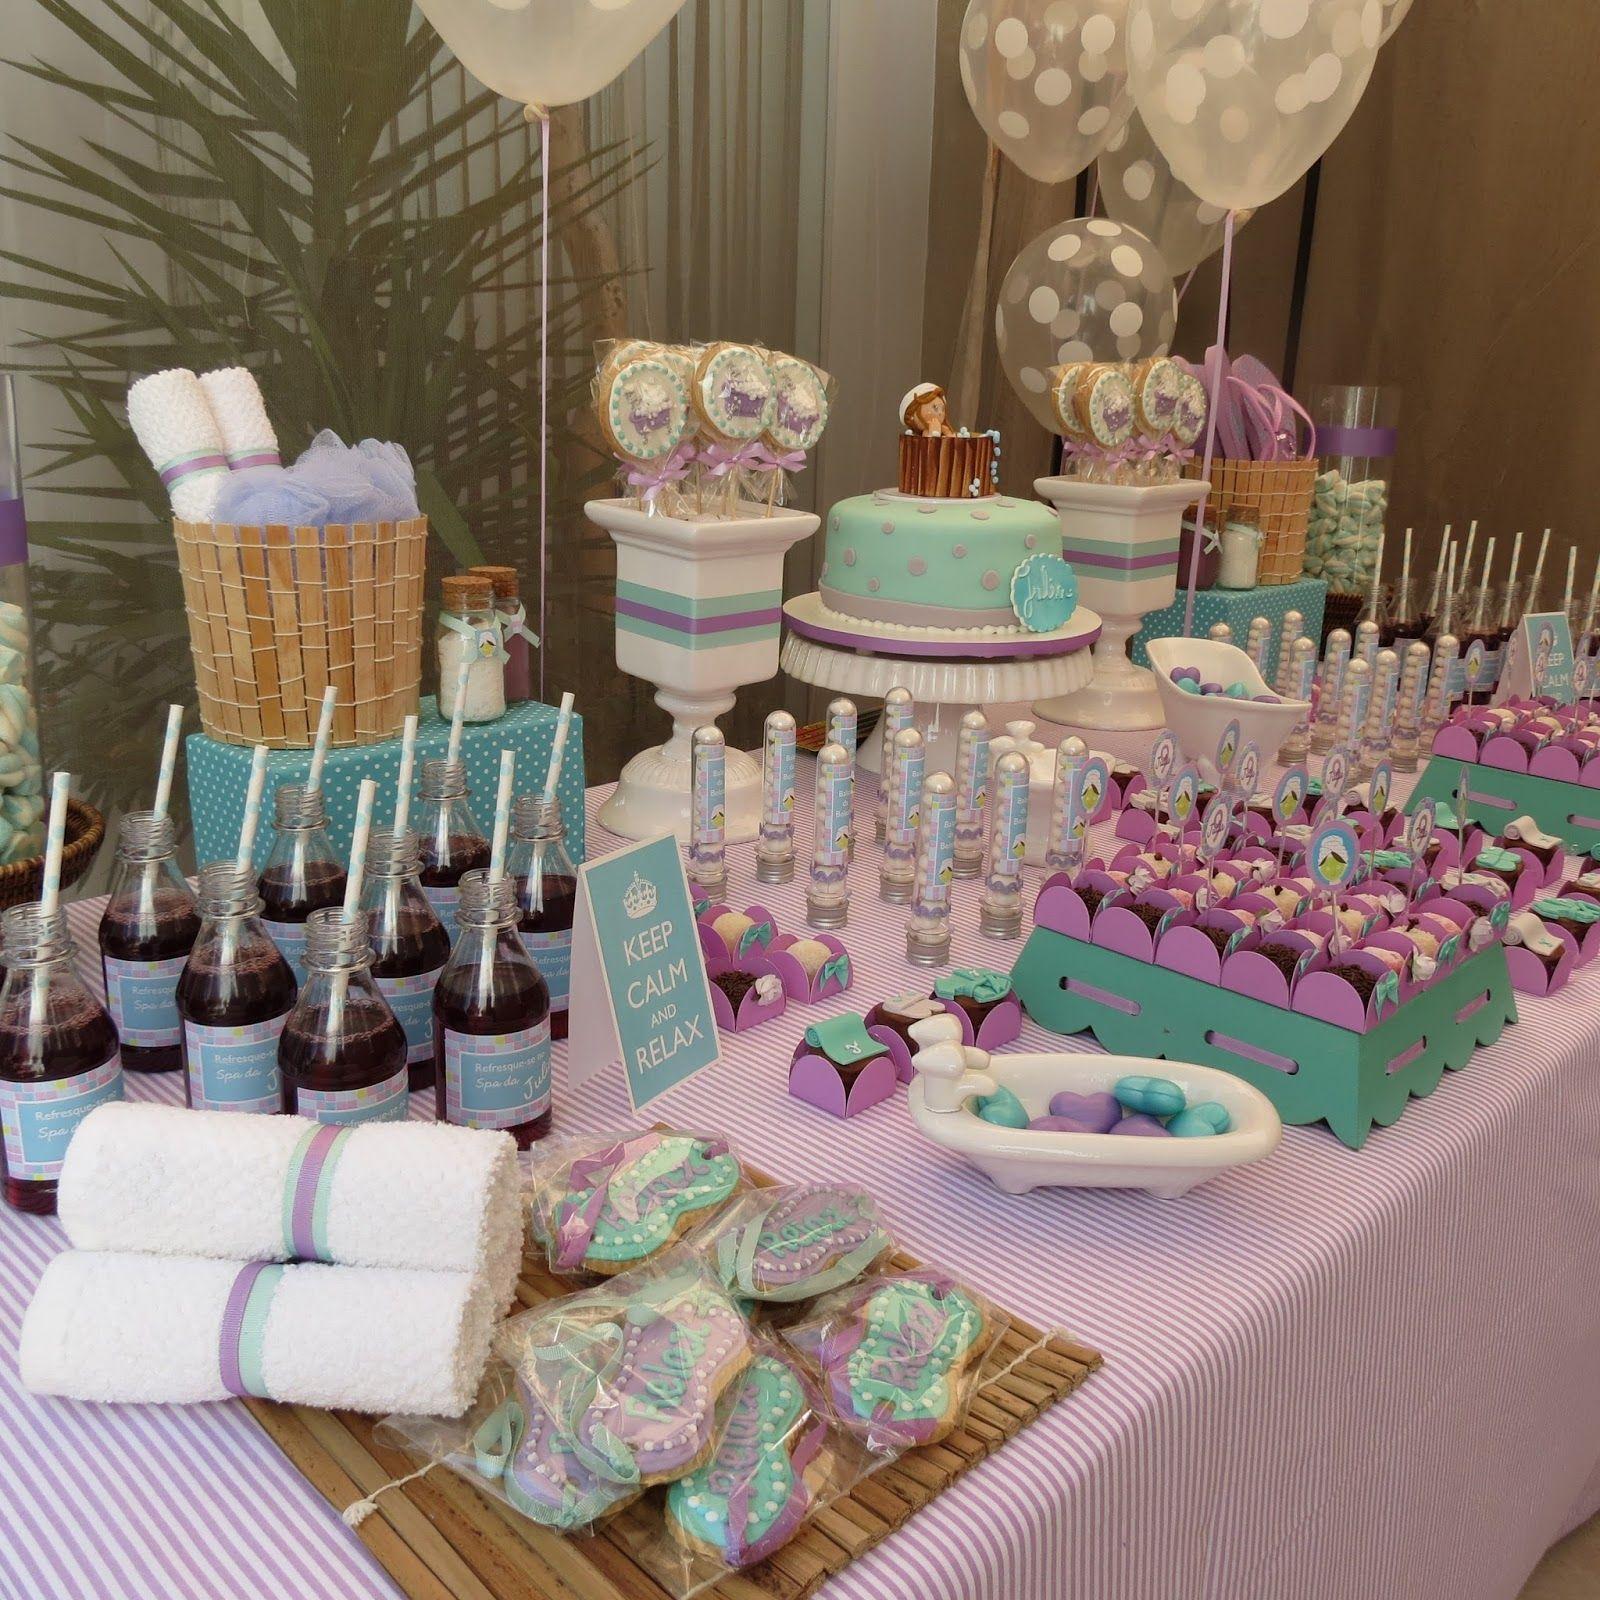 resultado de imagem para festa spa decora o decorando festas rh br pinterest com